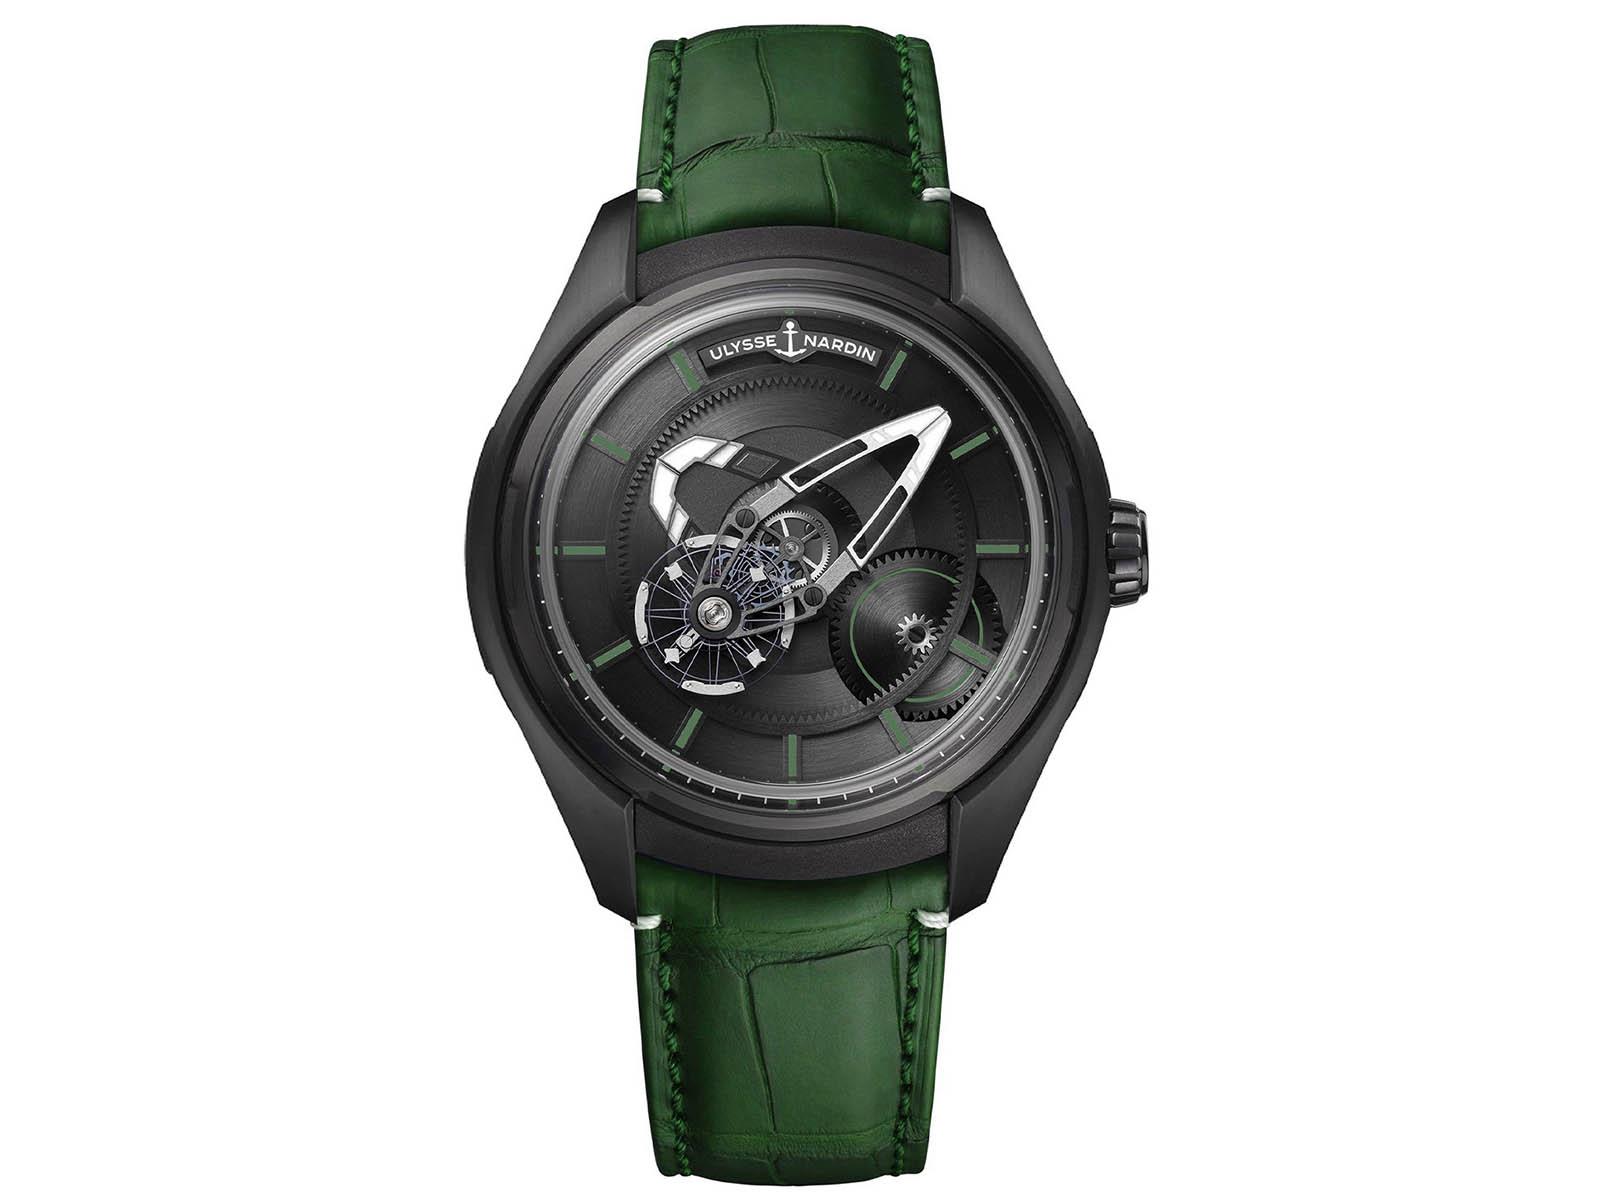 ulysse-nardin-freak-x-qatar-watch-club-edition-4.jpg